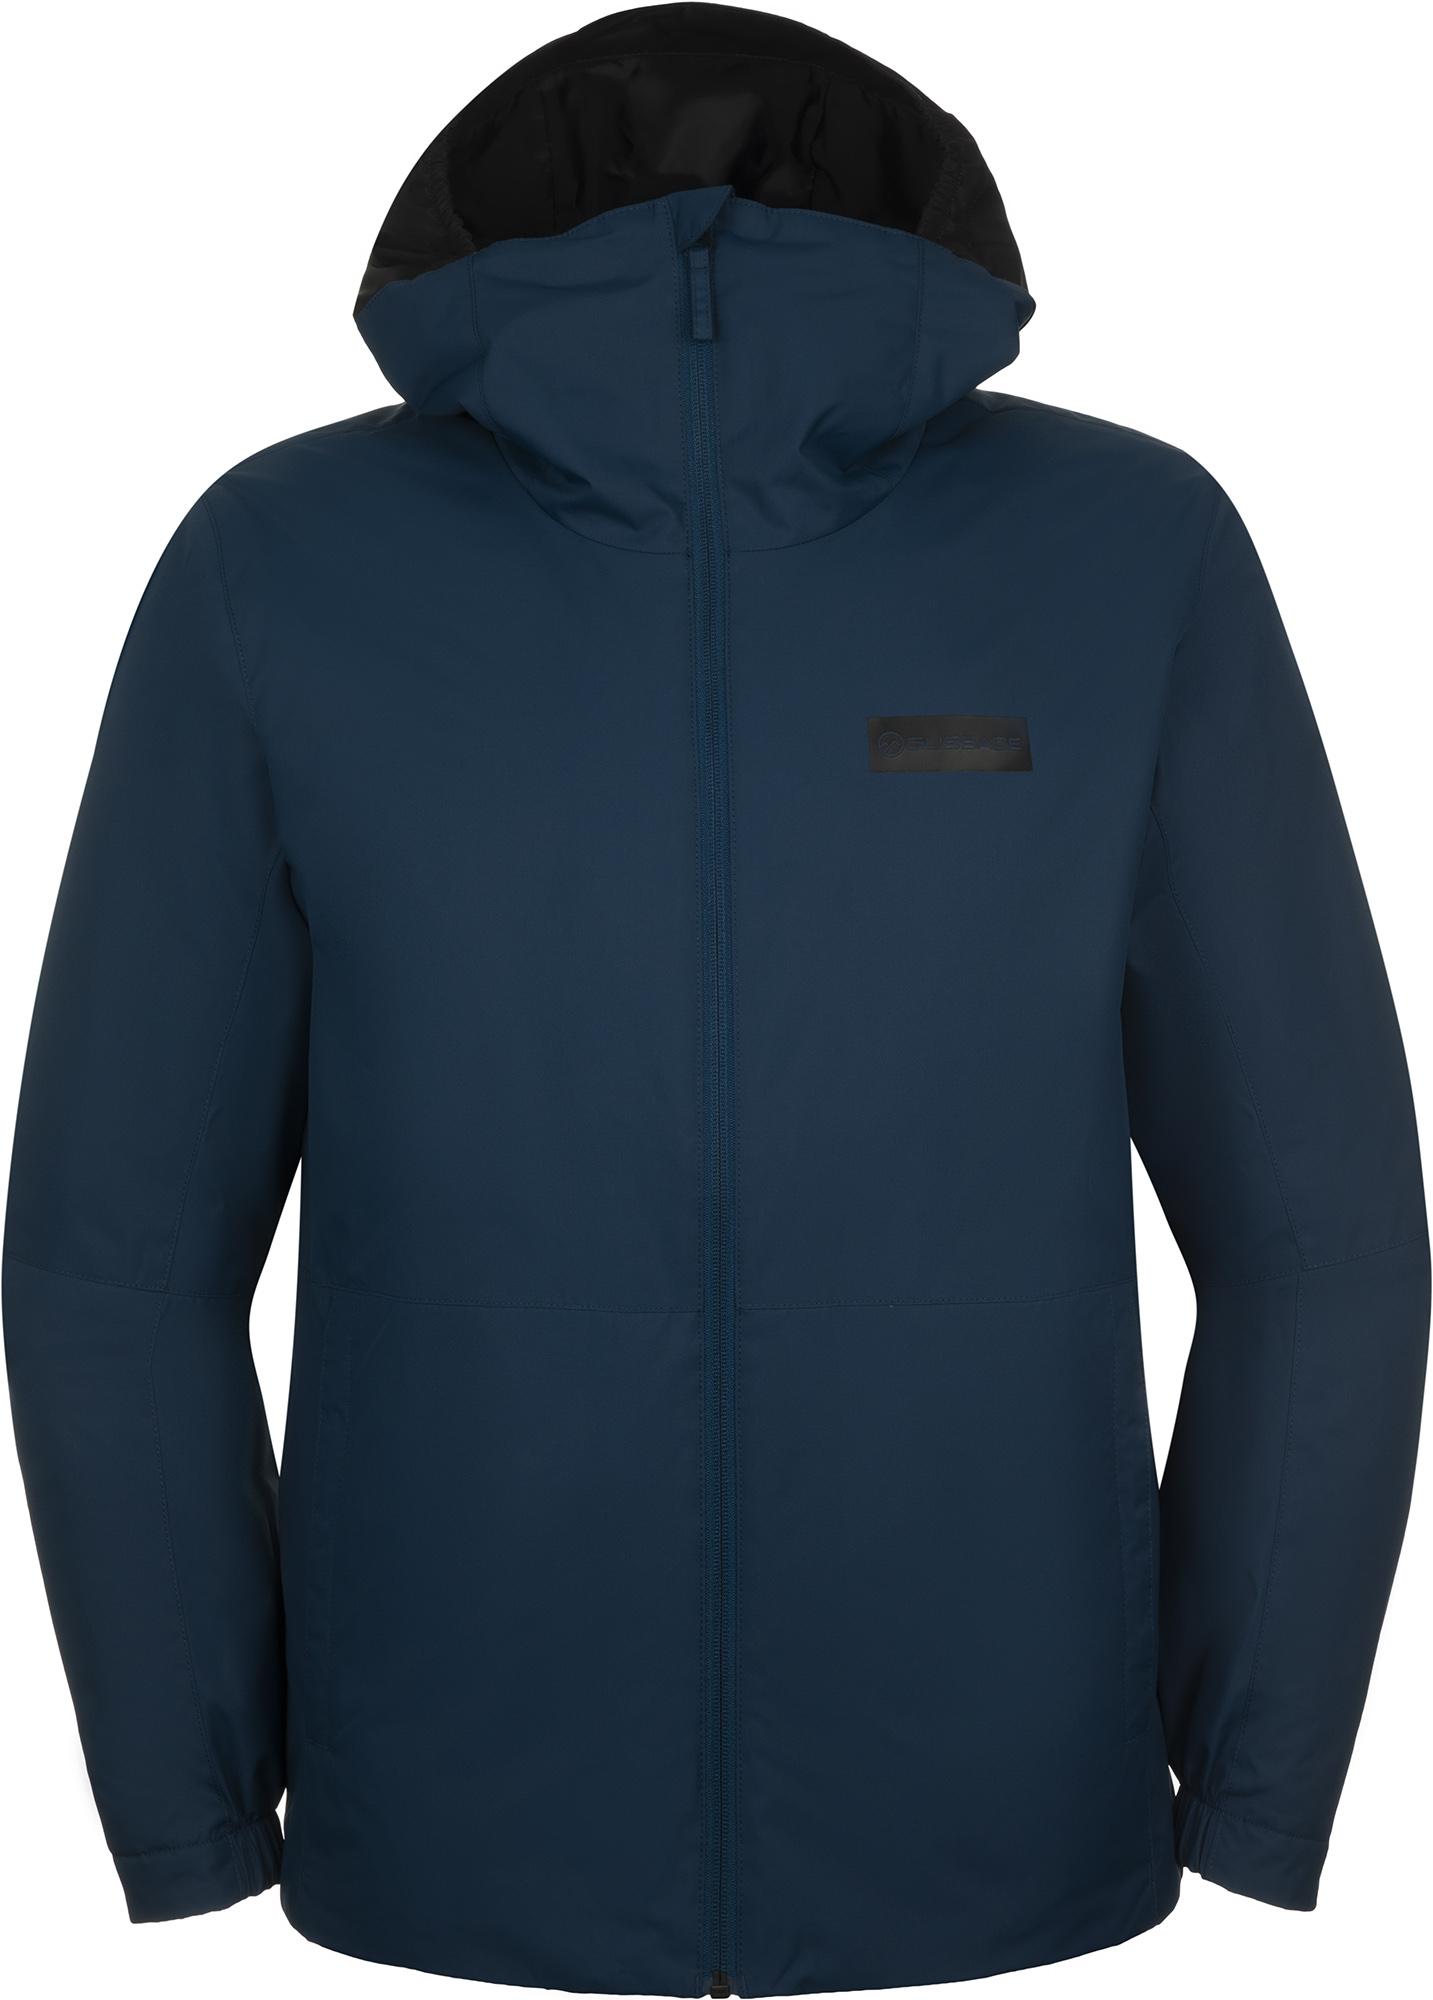 Glissade Куртка утепленная мужская Glissade, размер 56-58 ручка дверная с раздельной квадратной накладкой фз 06 матовый никель